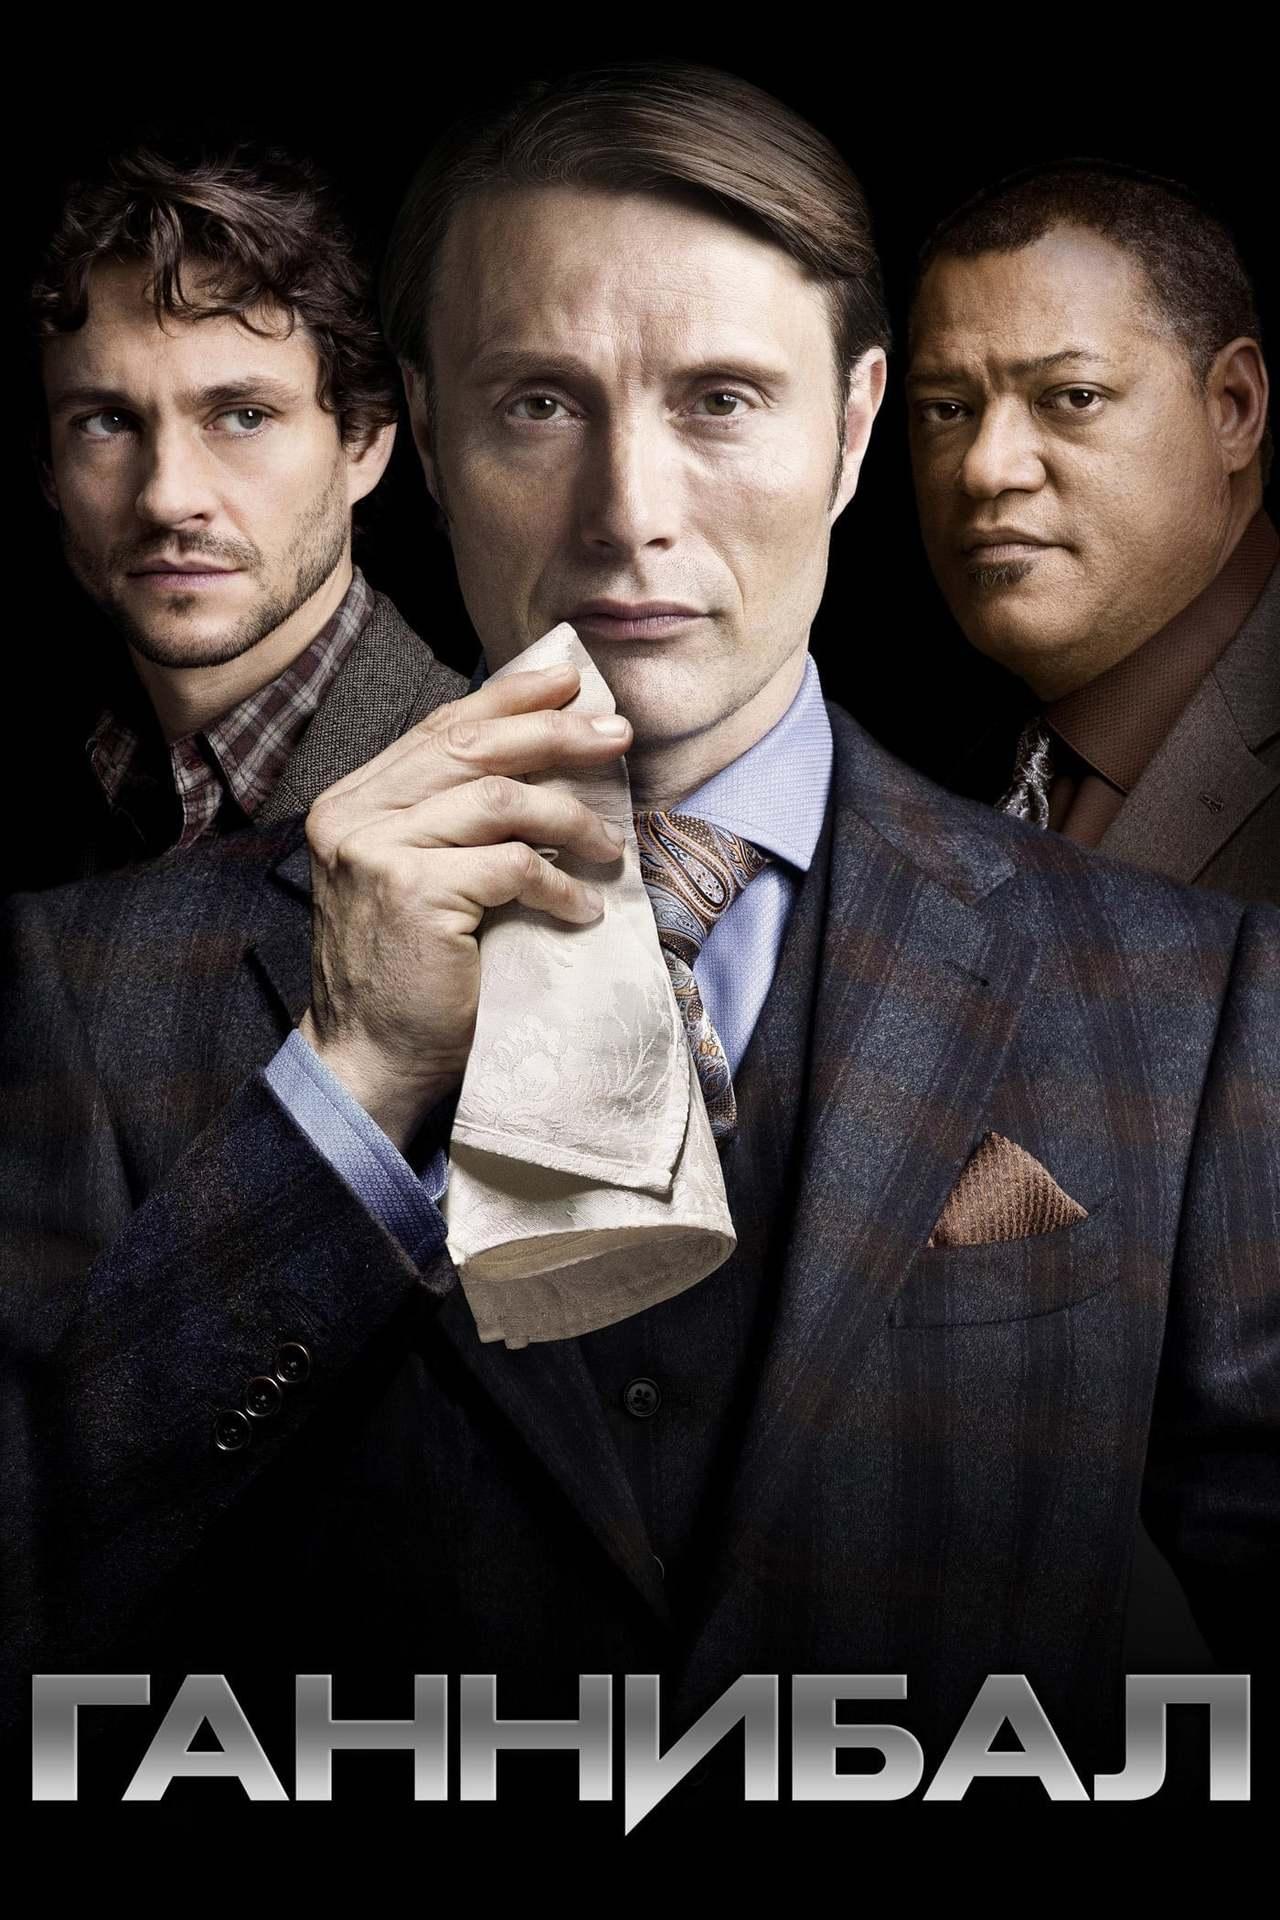 Постер фильма Ганнибал Hannibal 2013